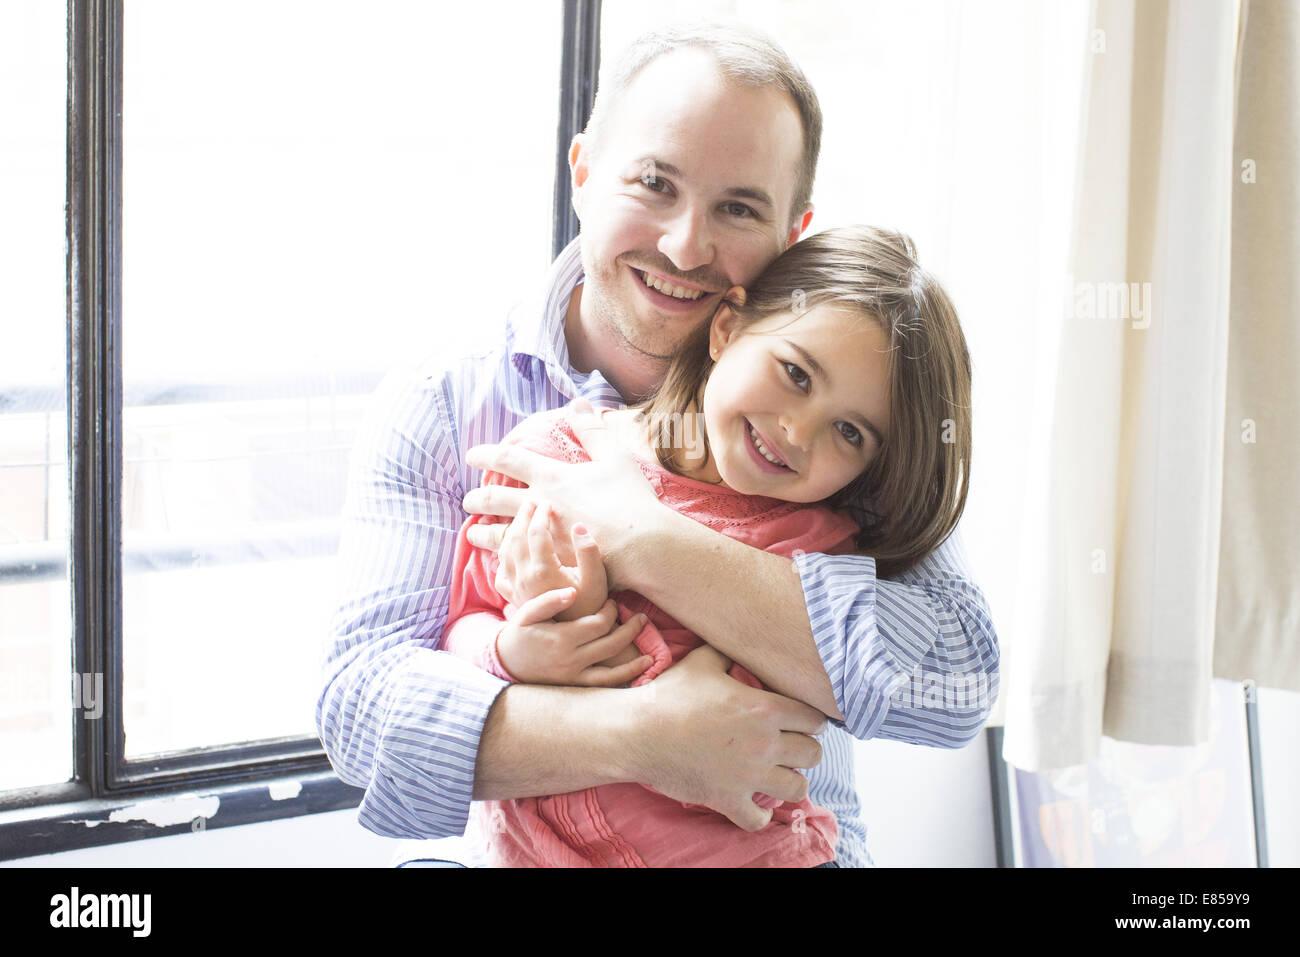 Vater den jungen Tochter, portrait Stockbild